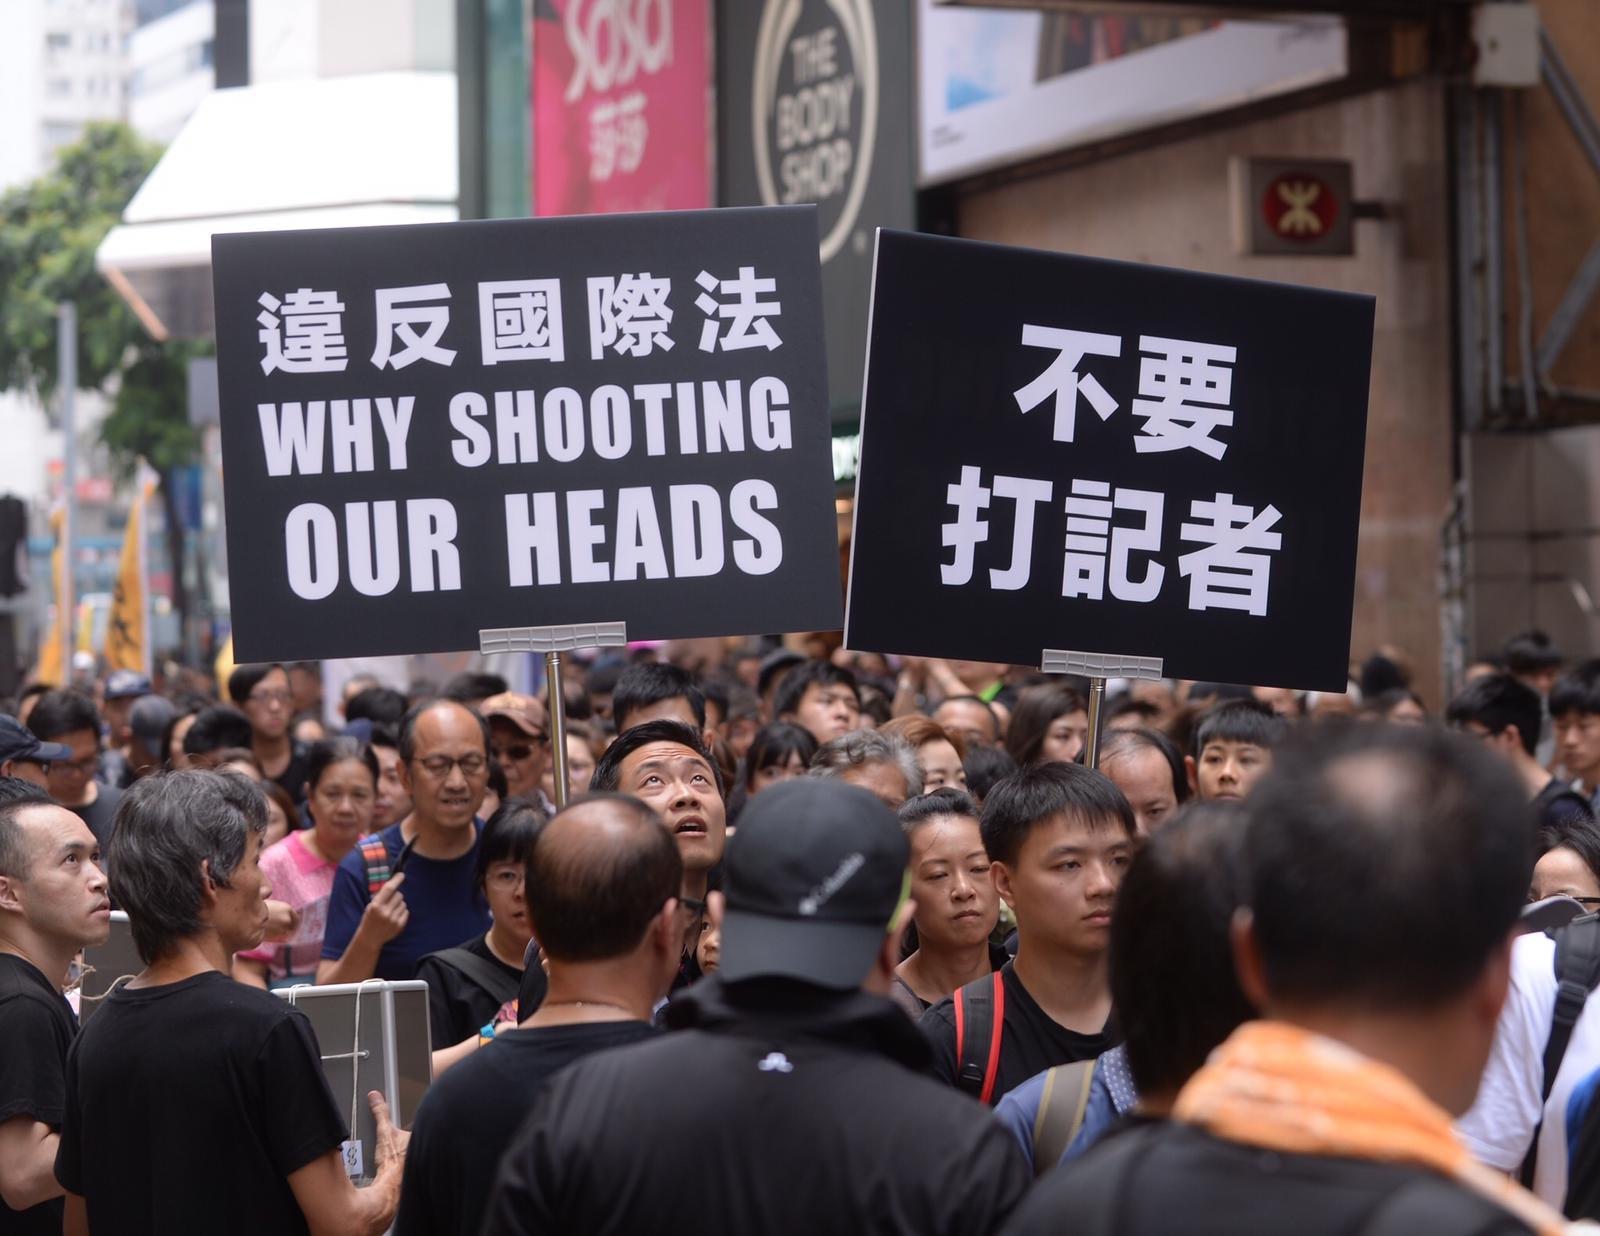 有市民舉起「不要打記者標語」。